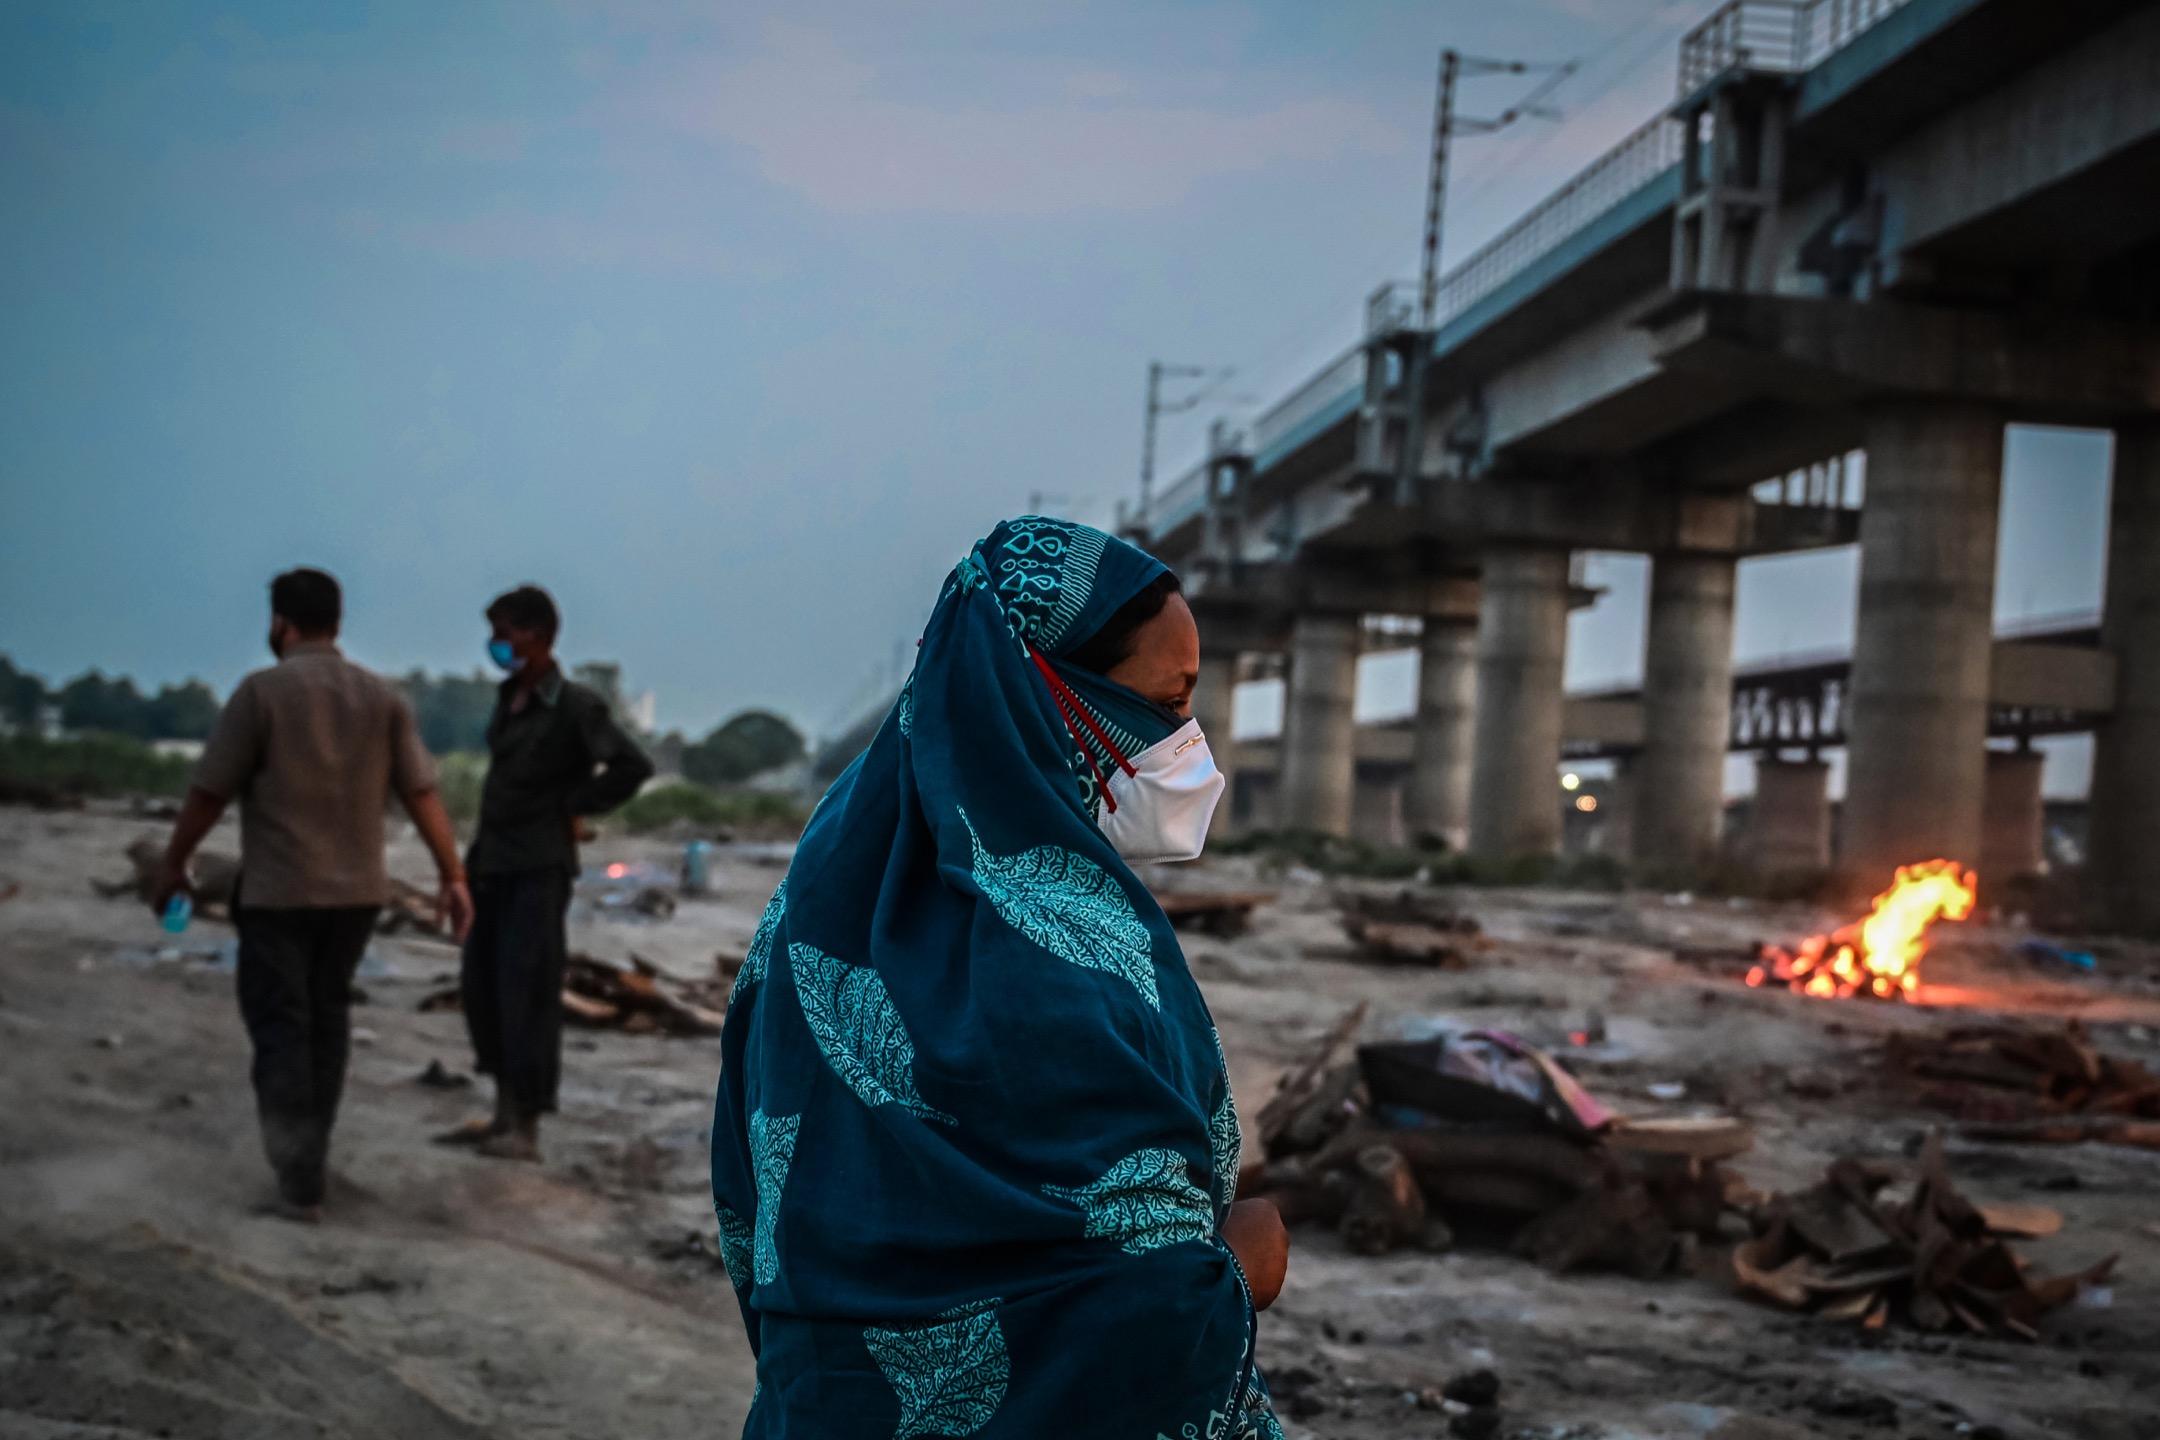 2021年5月6日,印度北方邦城市阿拉哈巴德,一名女子為一位因感染新冠病毒離世的家人進行火葬儀式後,步離火葬場。 攝:Ritesh Shukla/Getty Images